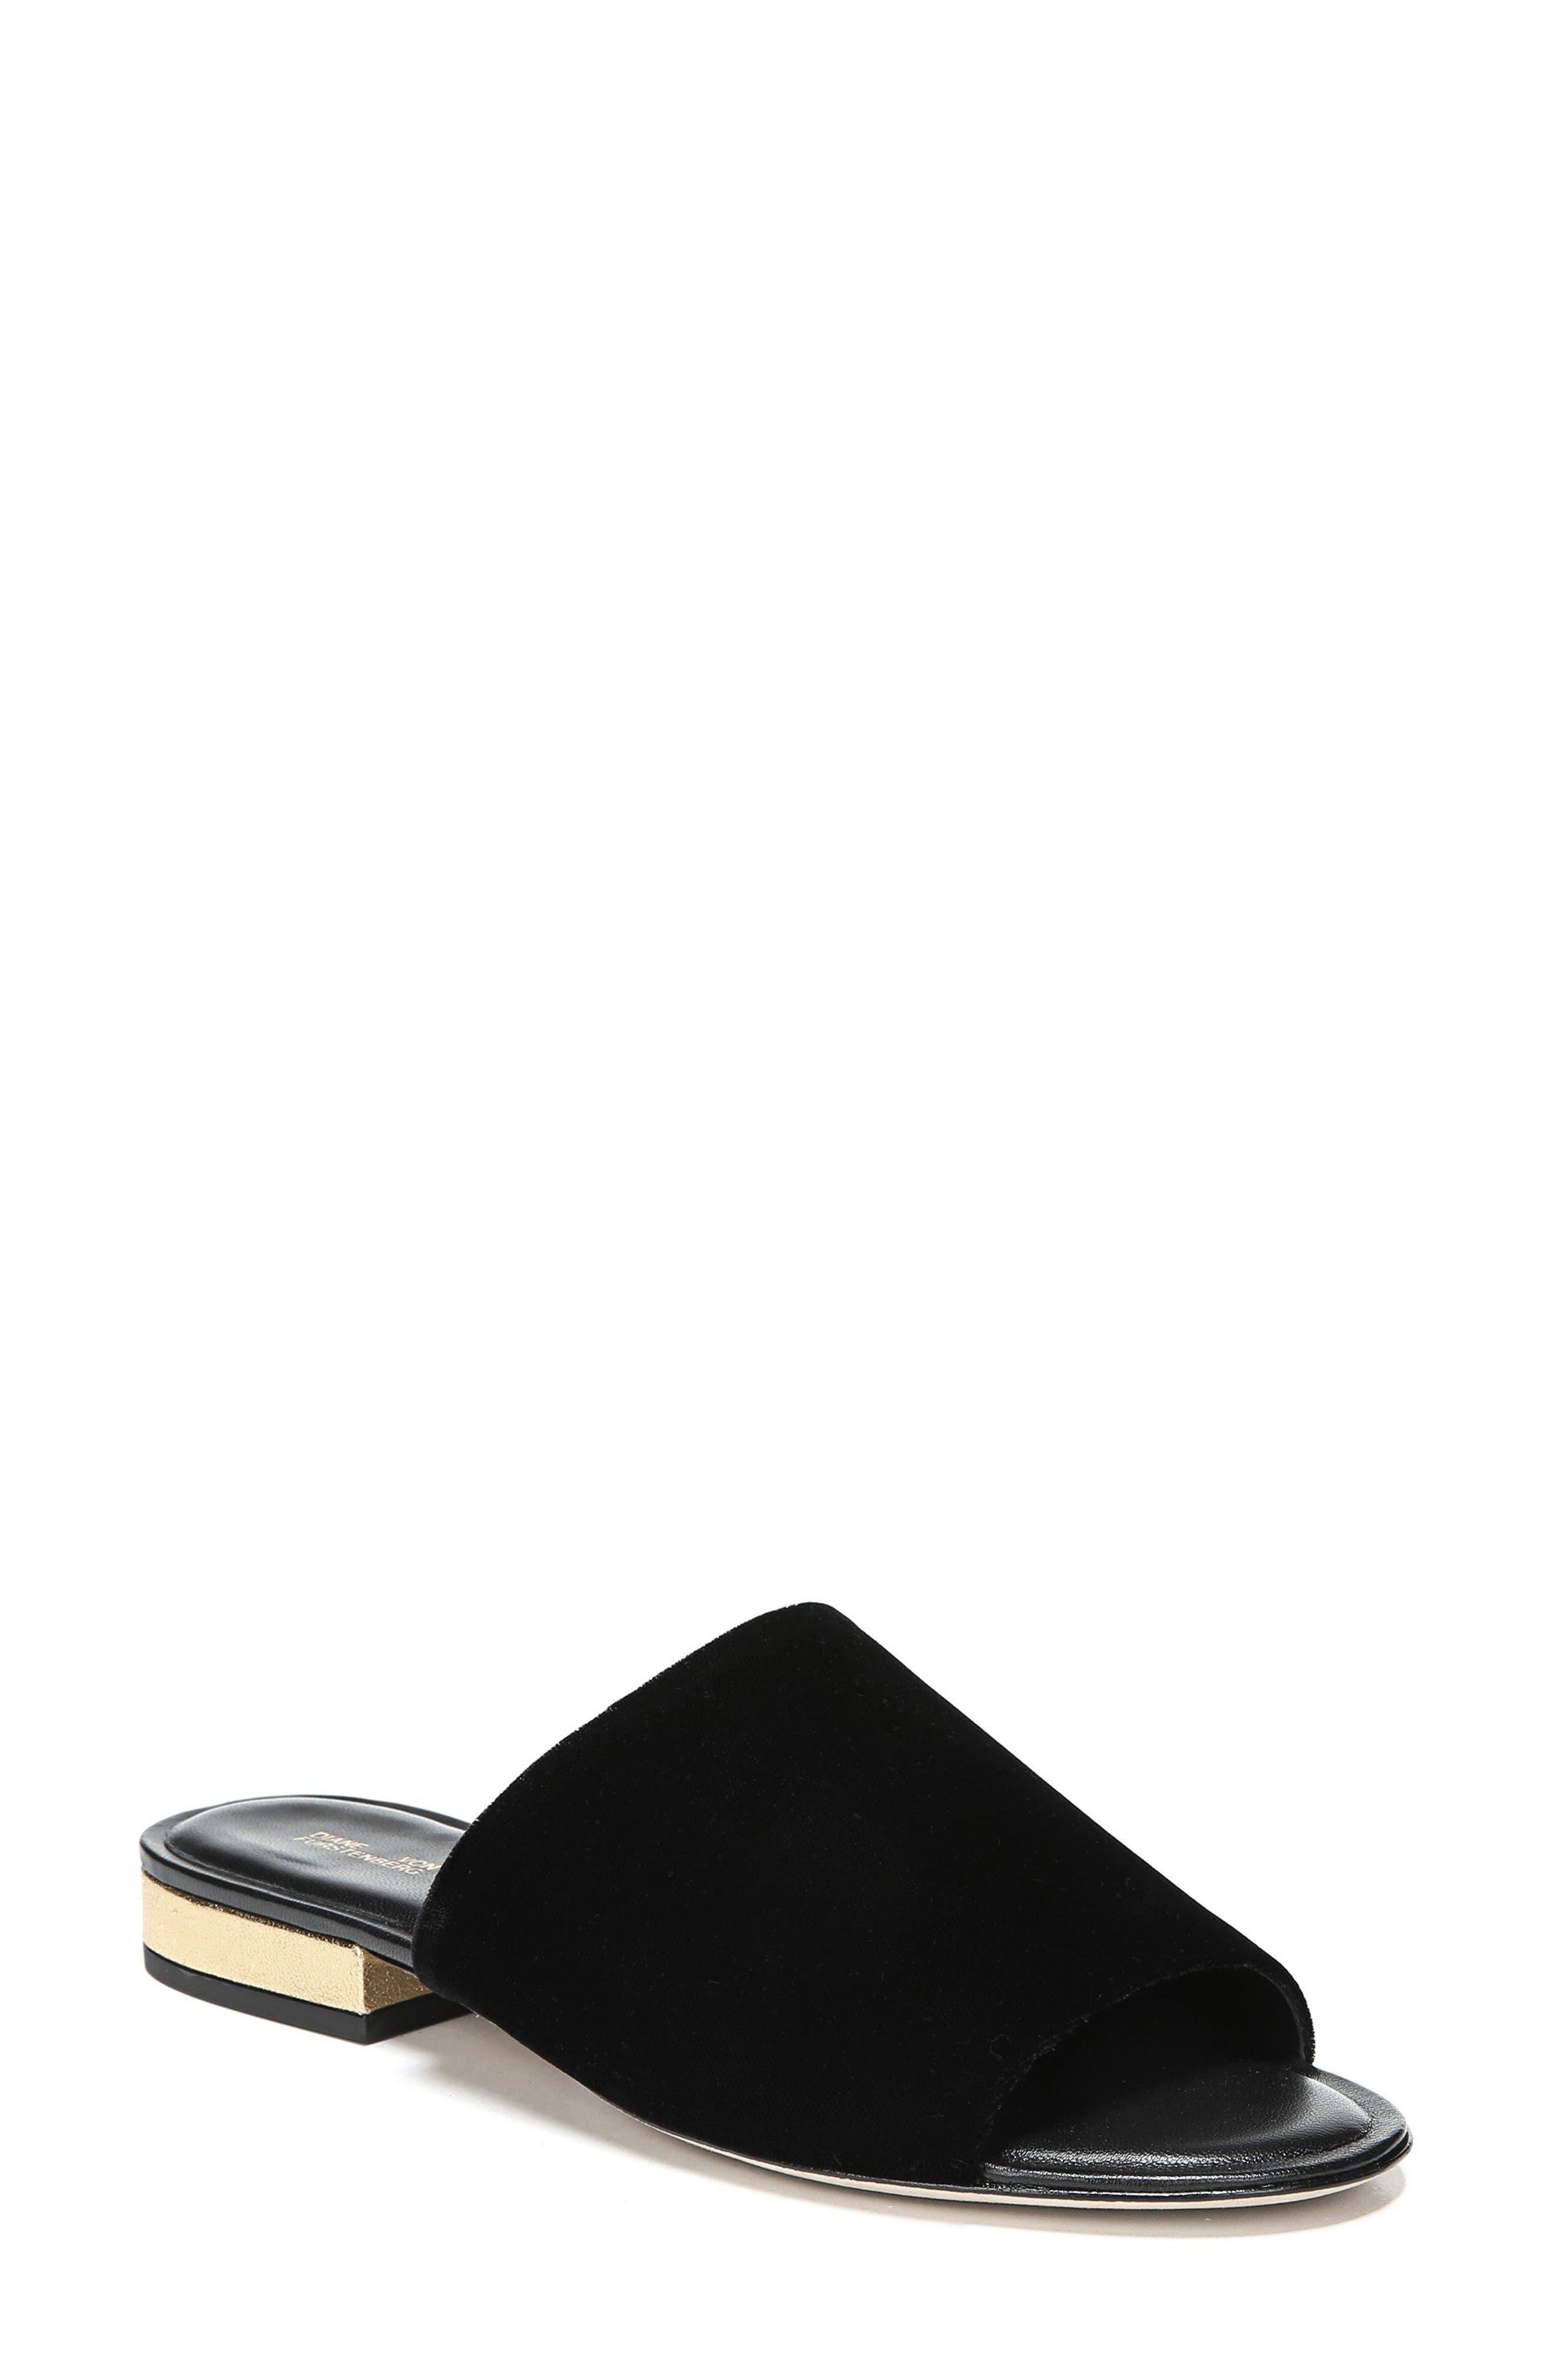 Samassi 1 Slide Sandal,                         Main,                         color, 001